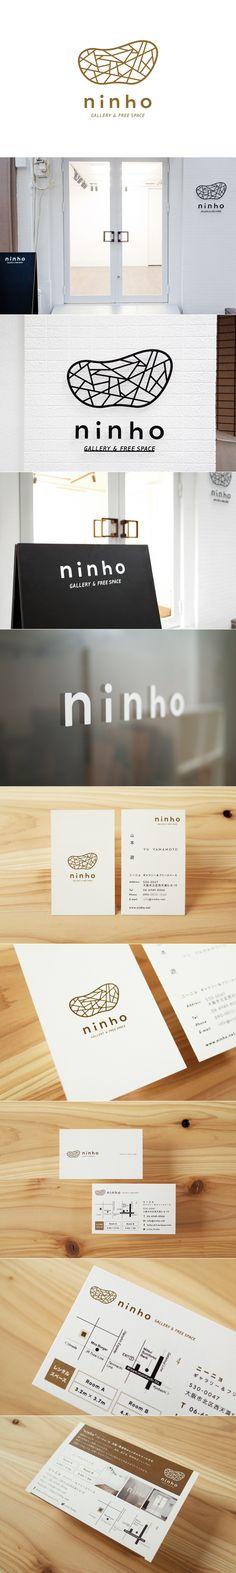 大阪 南森町のアートギャラリー and 貸しスペース 『ninho / ニーニョ』さんのブランディングを行いました。 ギャラリーのコンセプトメイクからロゴマークデザインの設計、看板サイン、名刺、ショップカード、フライヤーを制作いたしました。 鳥の巣をイメージしたマークデザインに木(枝)の包み込む温もりをウッドブランにて媒体を統一しました。